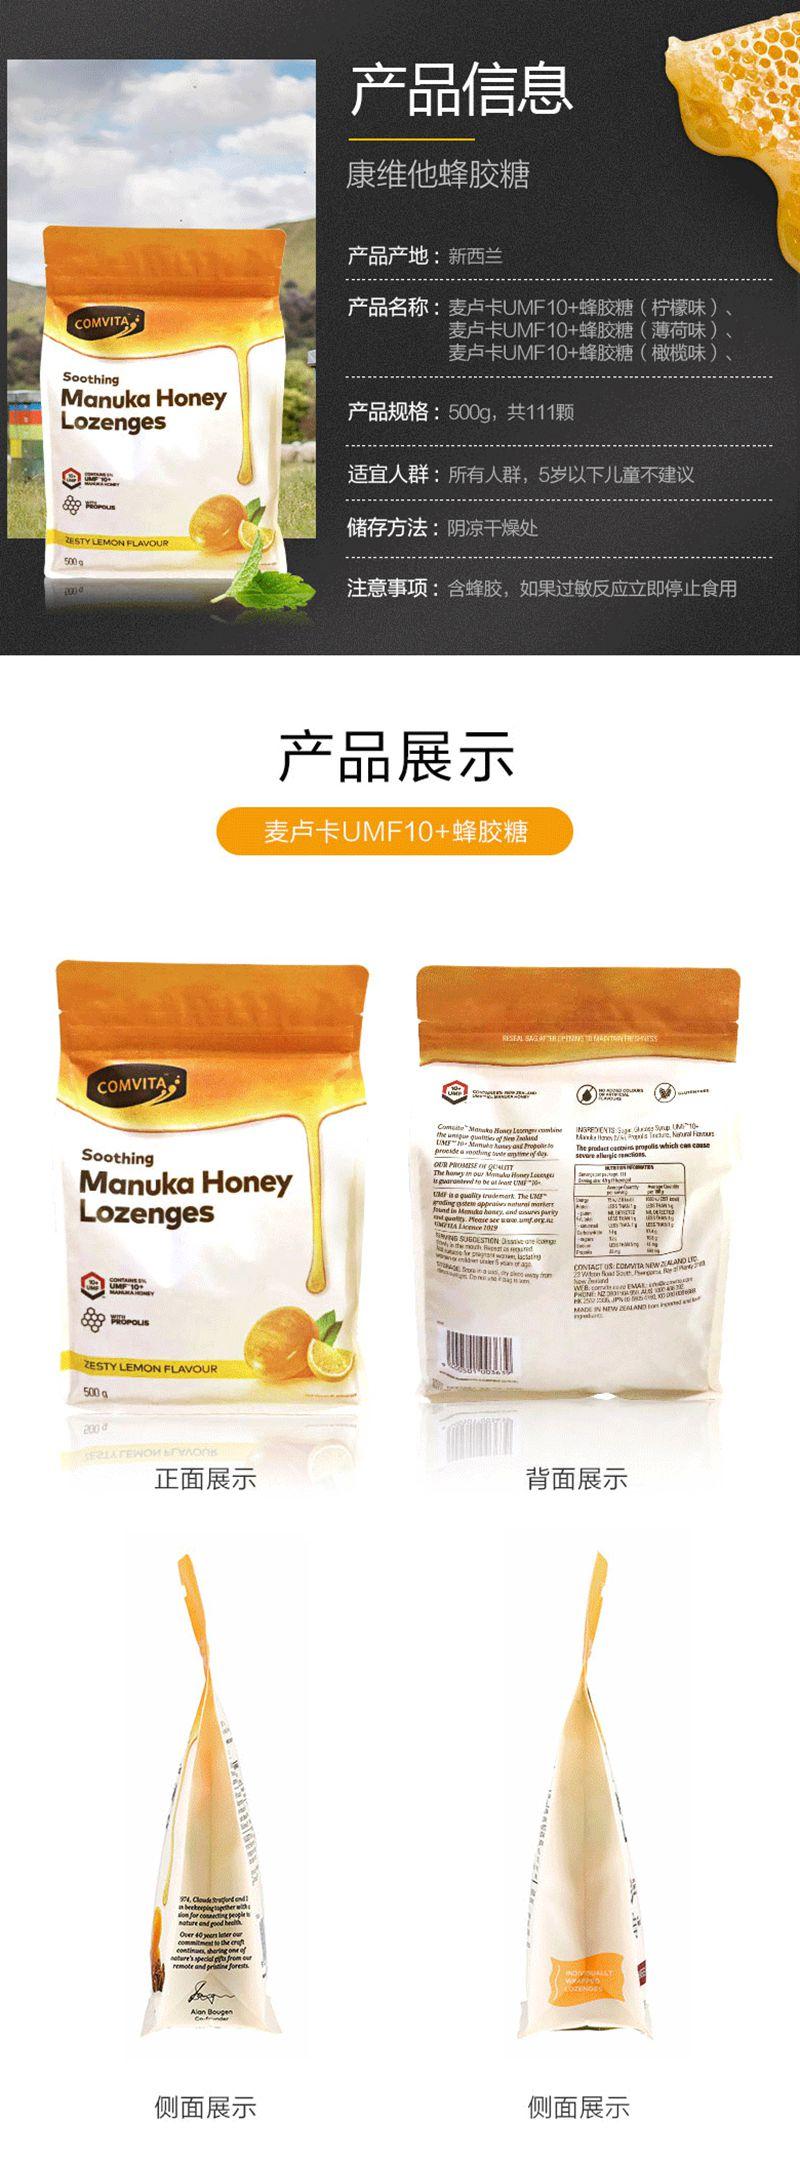 康维他蜂胶润喉糖500g麦卢卡10+柠檬味蜂蜜糖果 信息